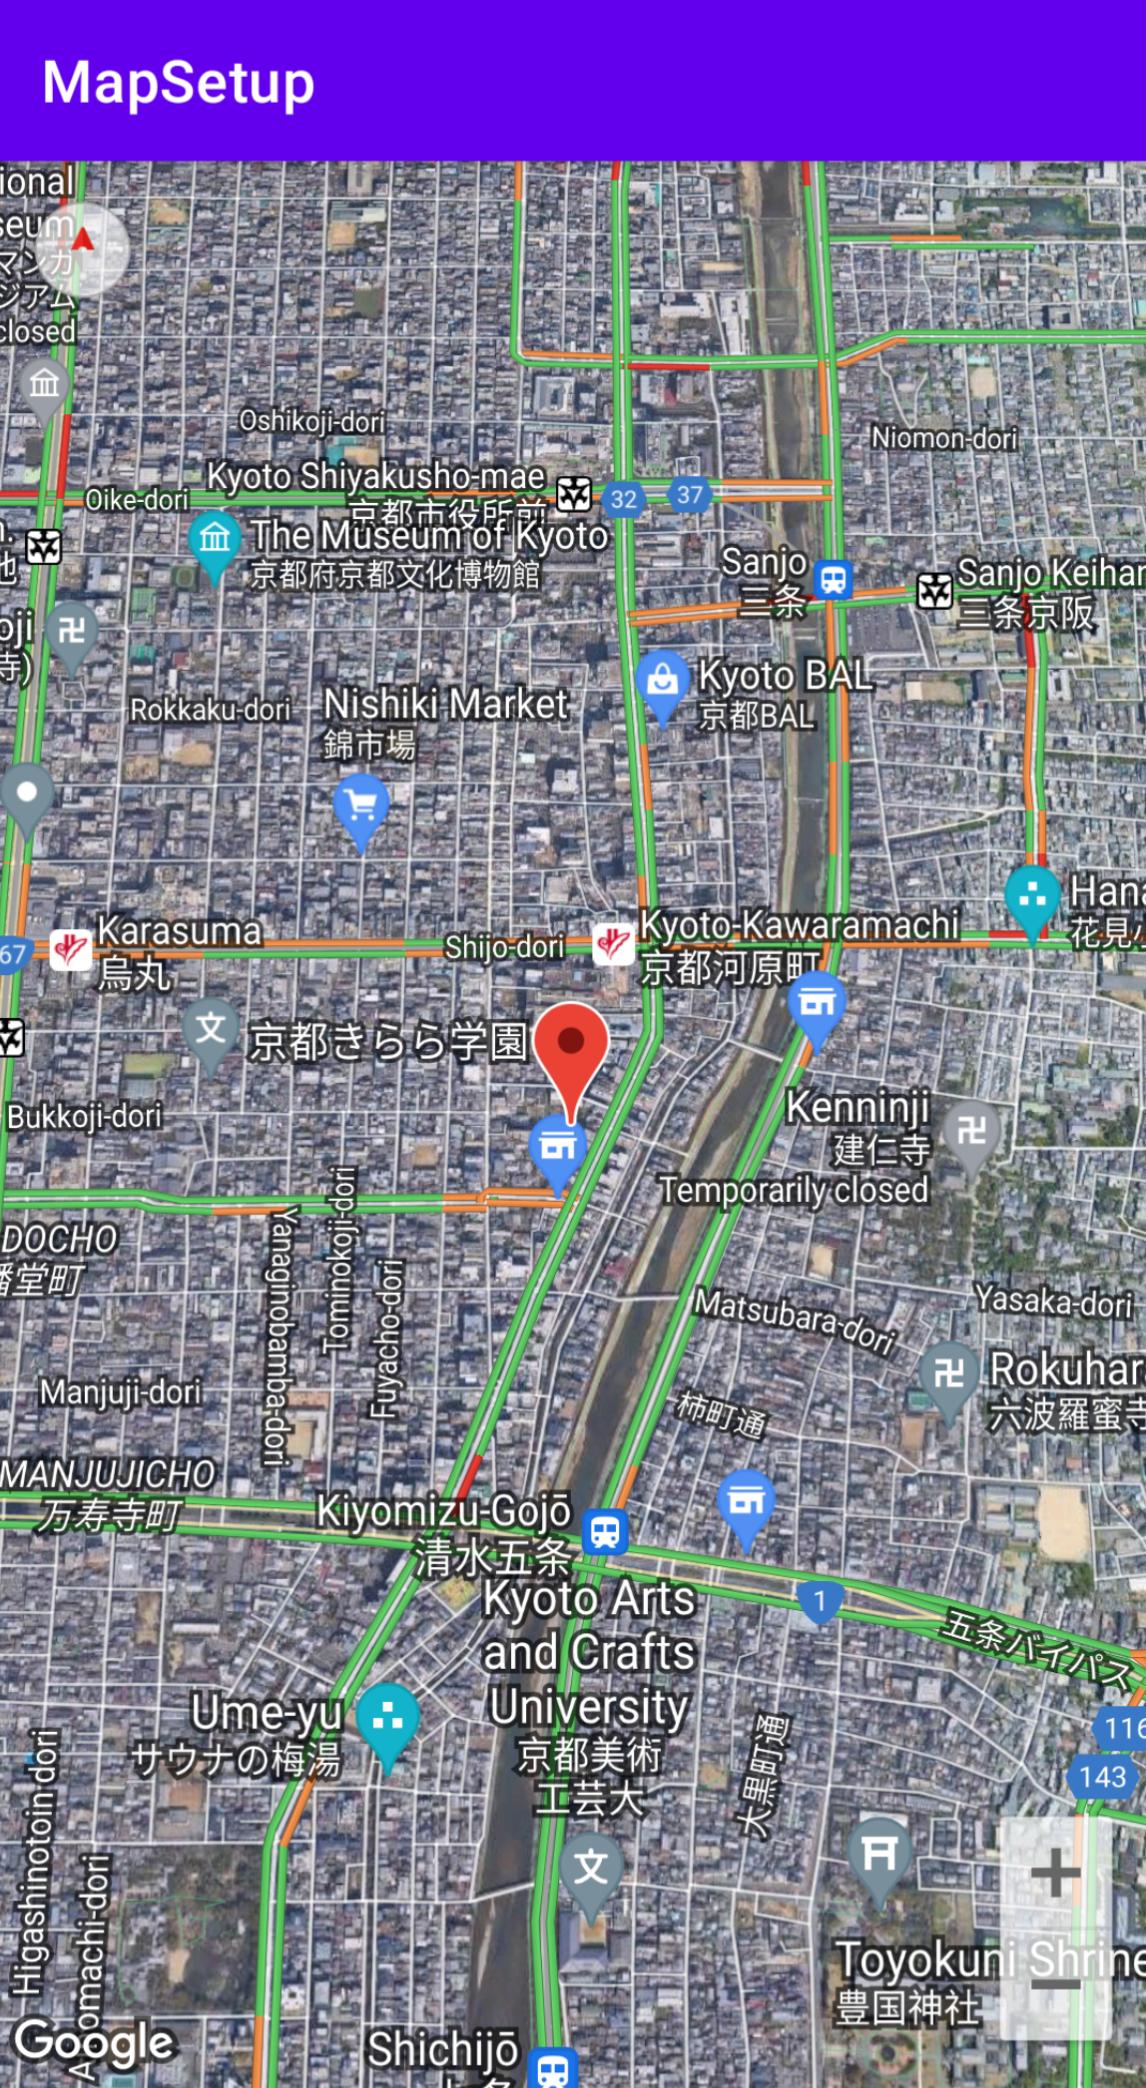 Captura de pantalla de un mapa de Kioto con la configuración del mapa definida.